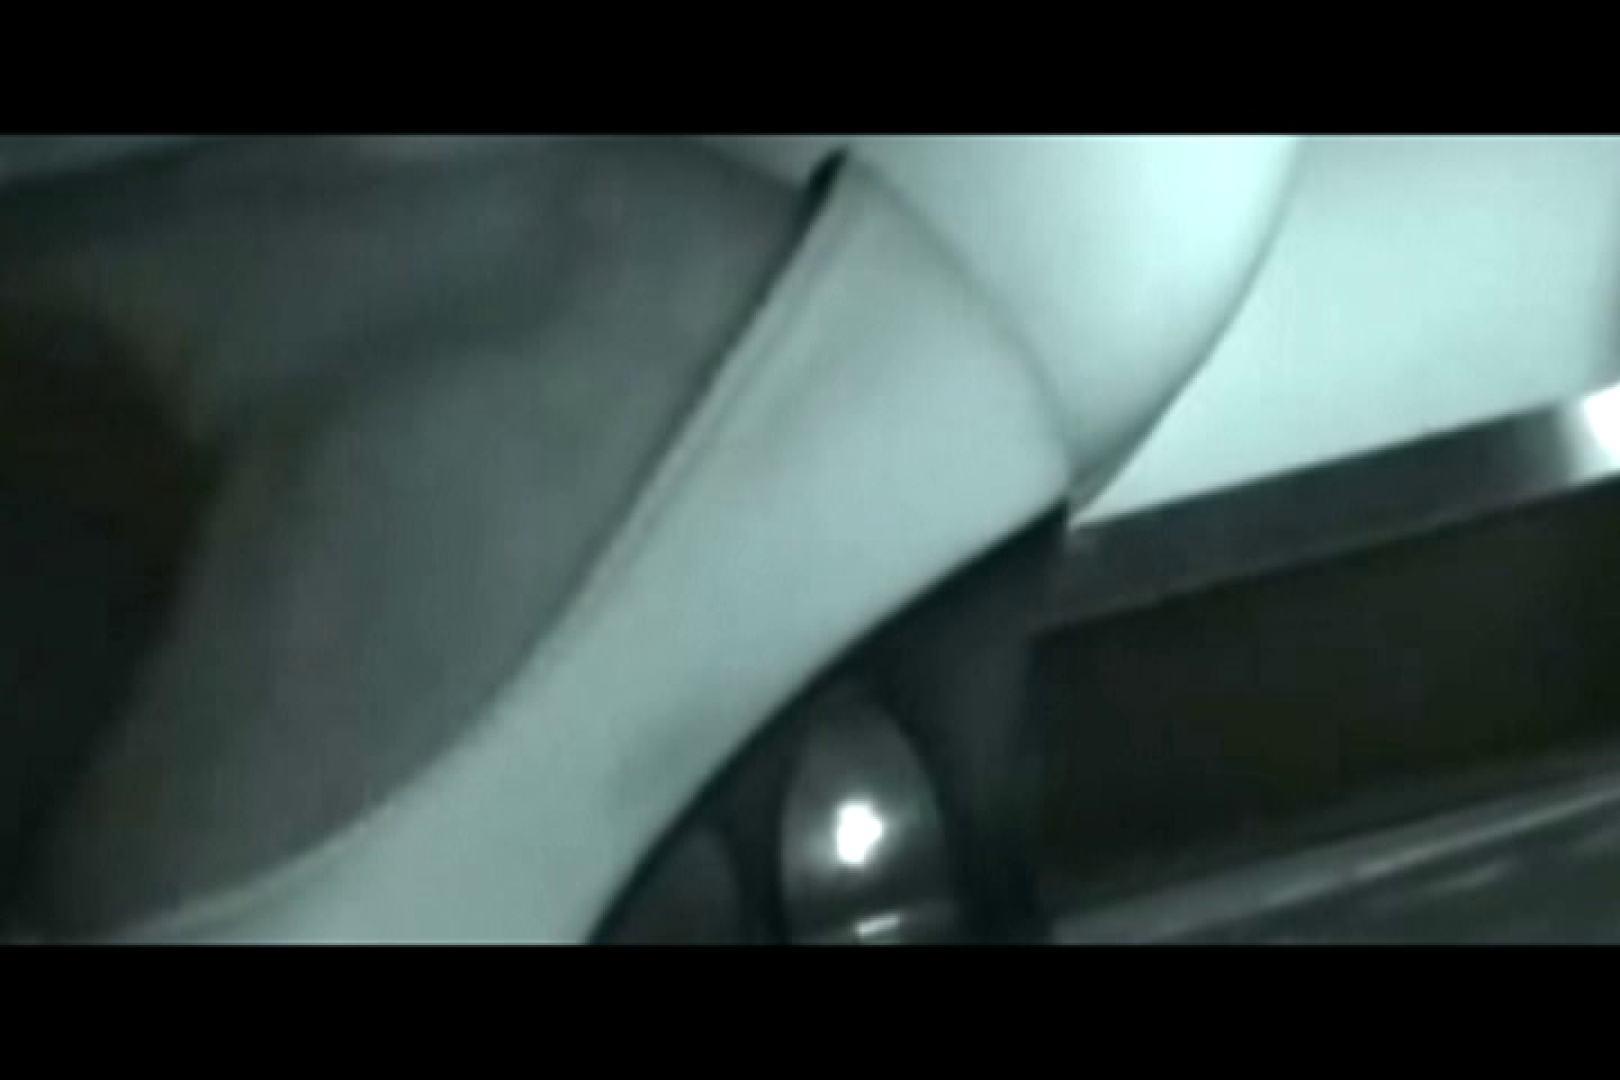 ぼっとん洗面所スペシャルVol.18 洗面所 のぞき濡れ場動画紹介 63PICs 32